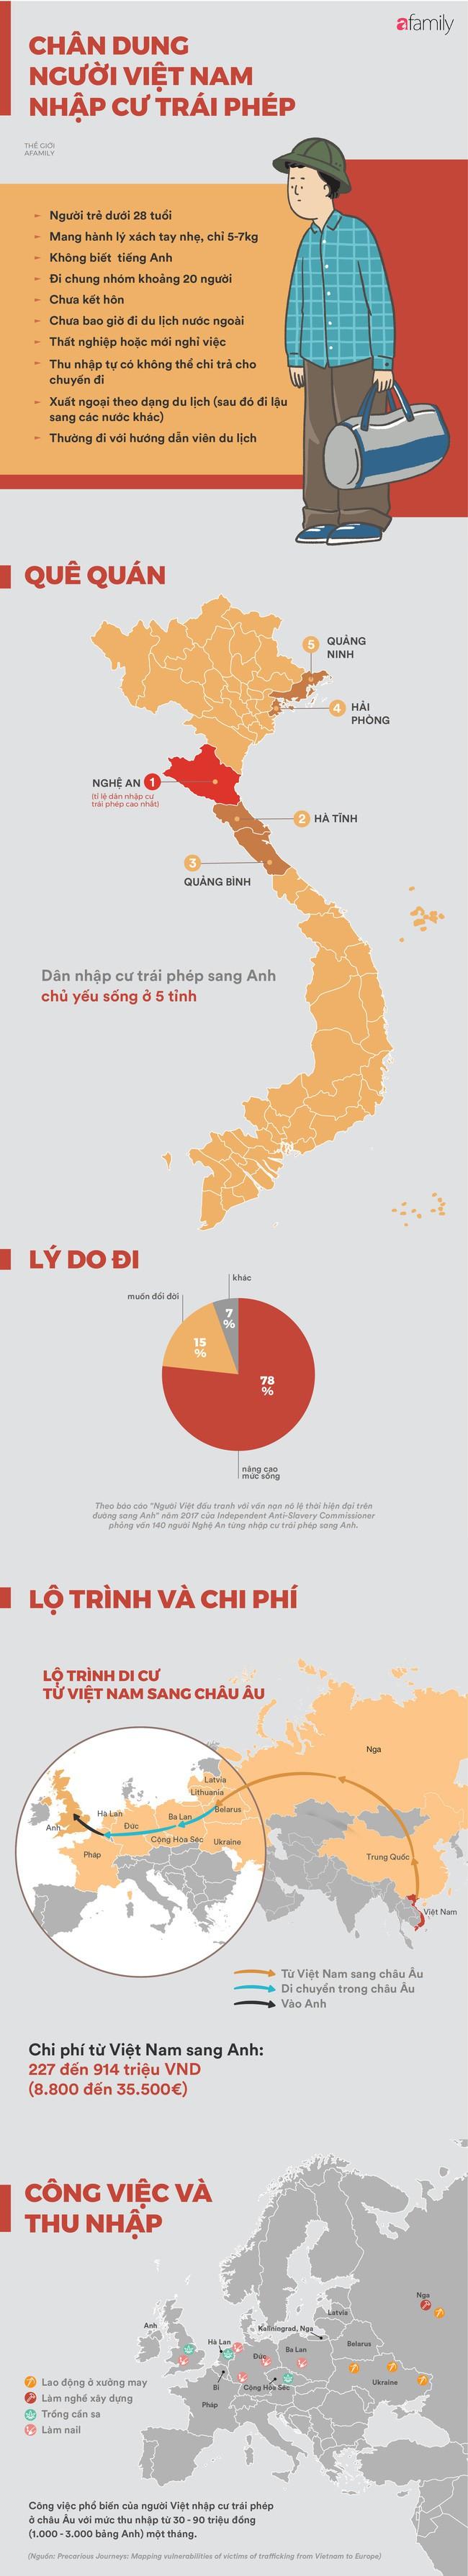 Chân dung người Việt nhập cư trái phép ở Châu Âu và lý do đẩy họ vào con đường phạm pháp - Ảnh 1.